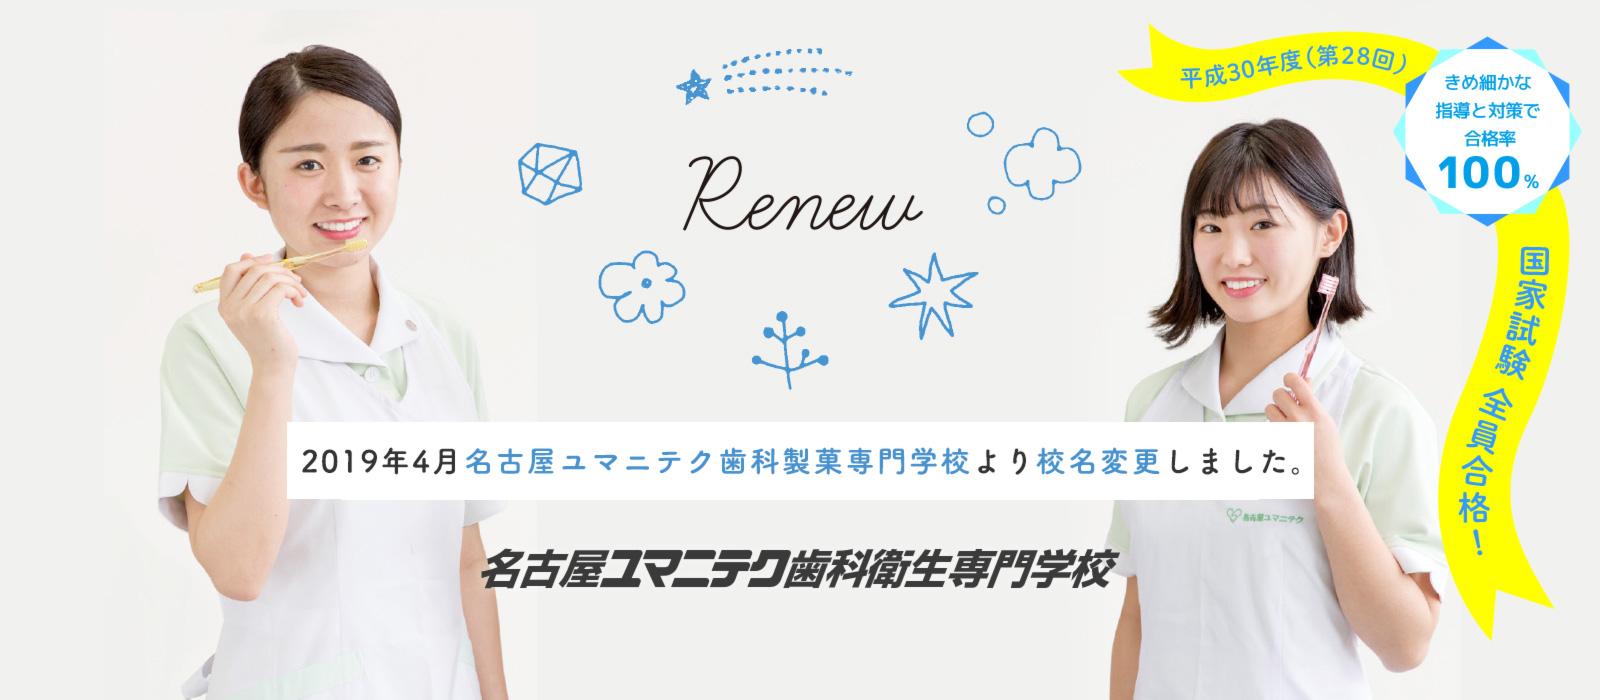 https://dental.ao-g.jp/wp-content/uploads/2019/04/mainvisual_bn_01_100.jpg